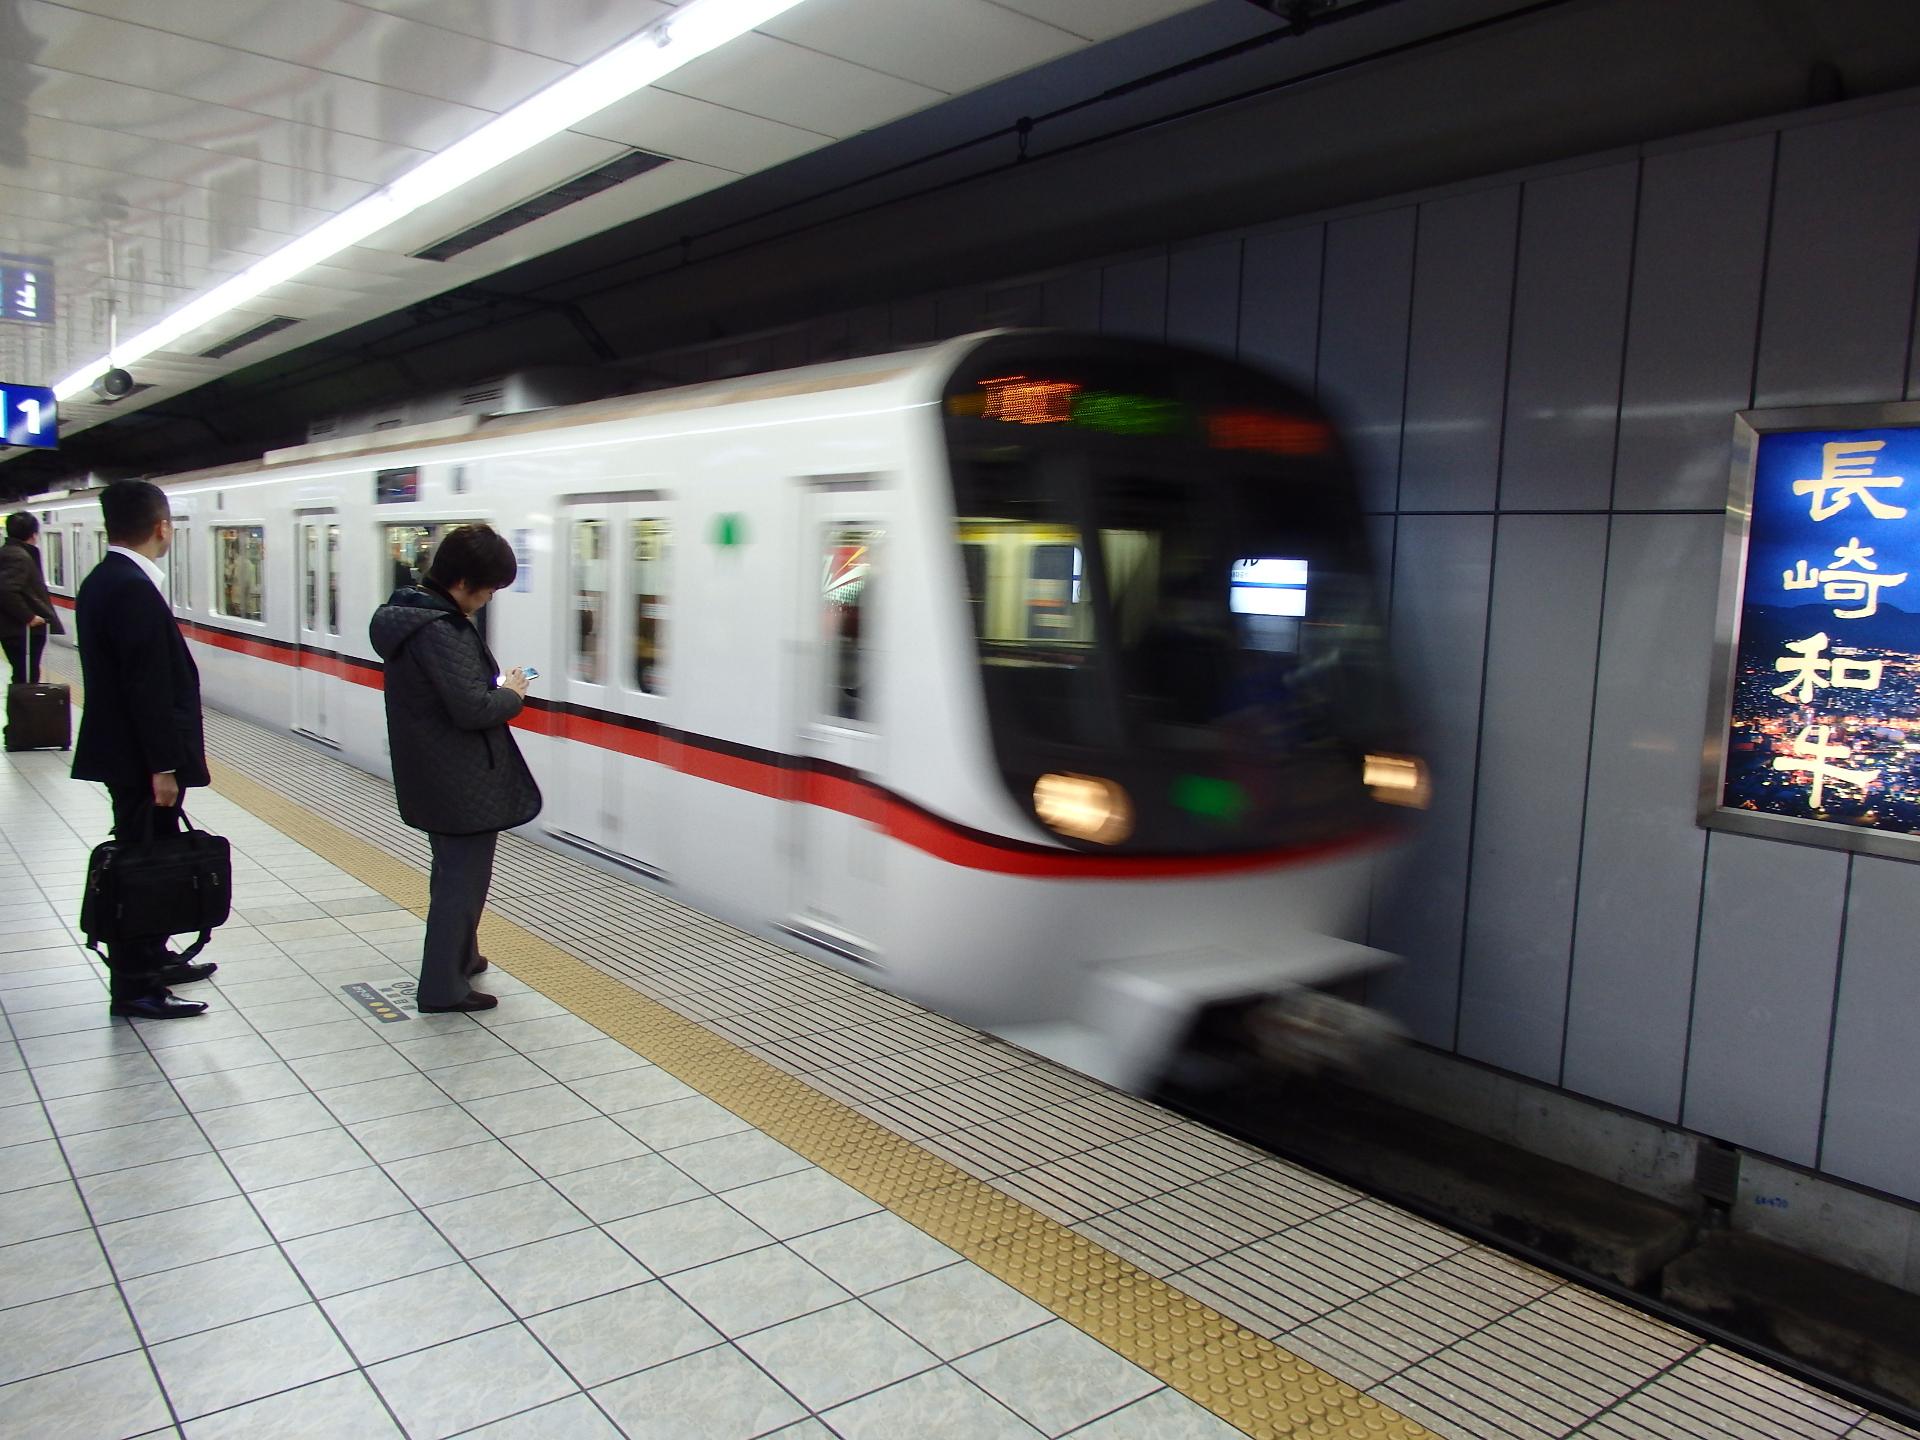 都営地下鉄の通勤電車です。